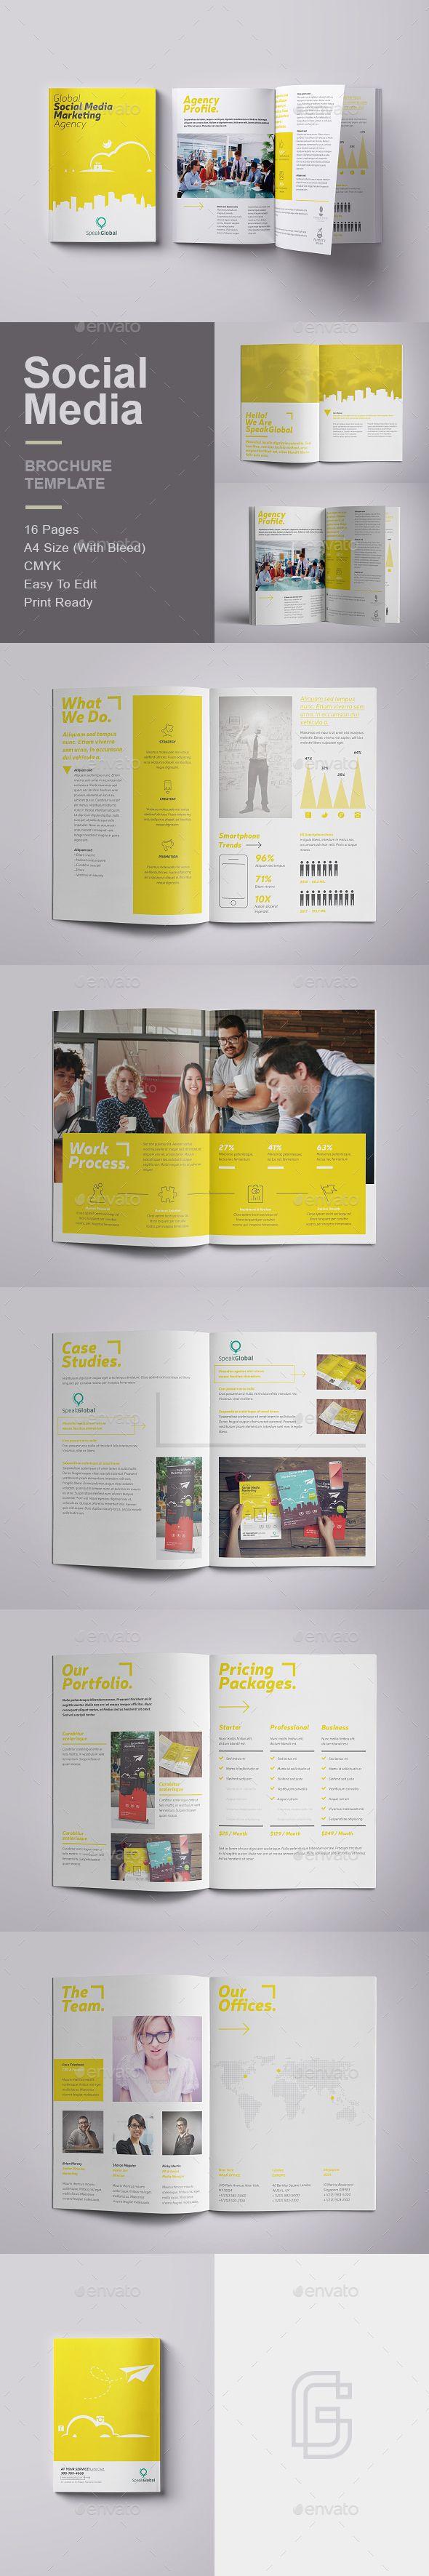 4 column brochure template - best brochure templates